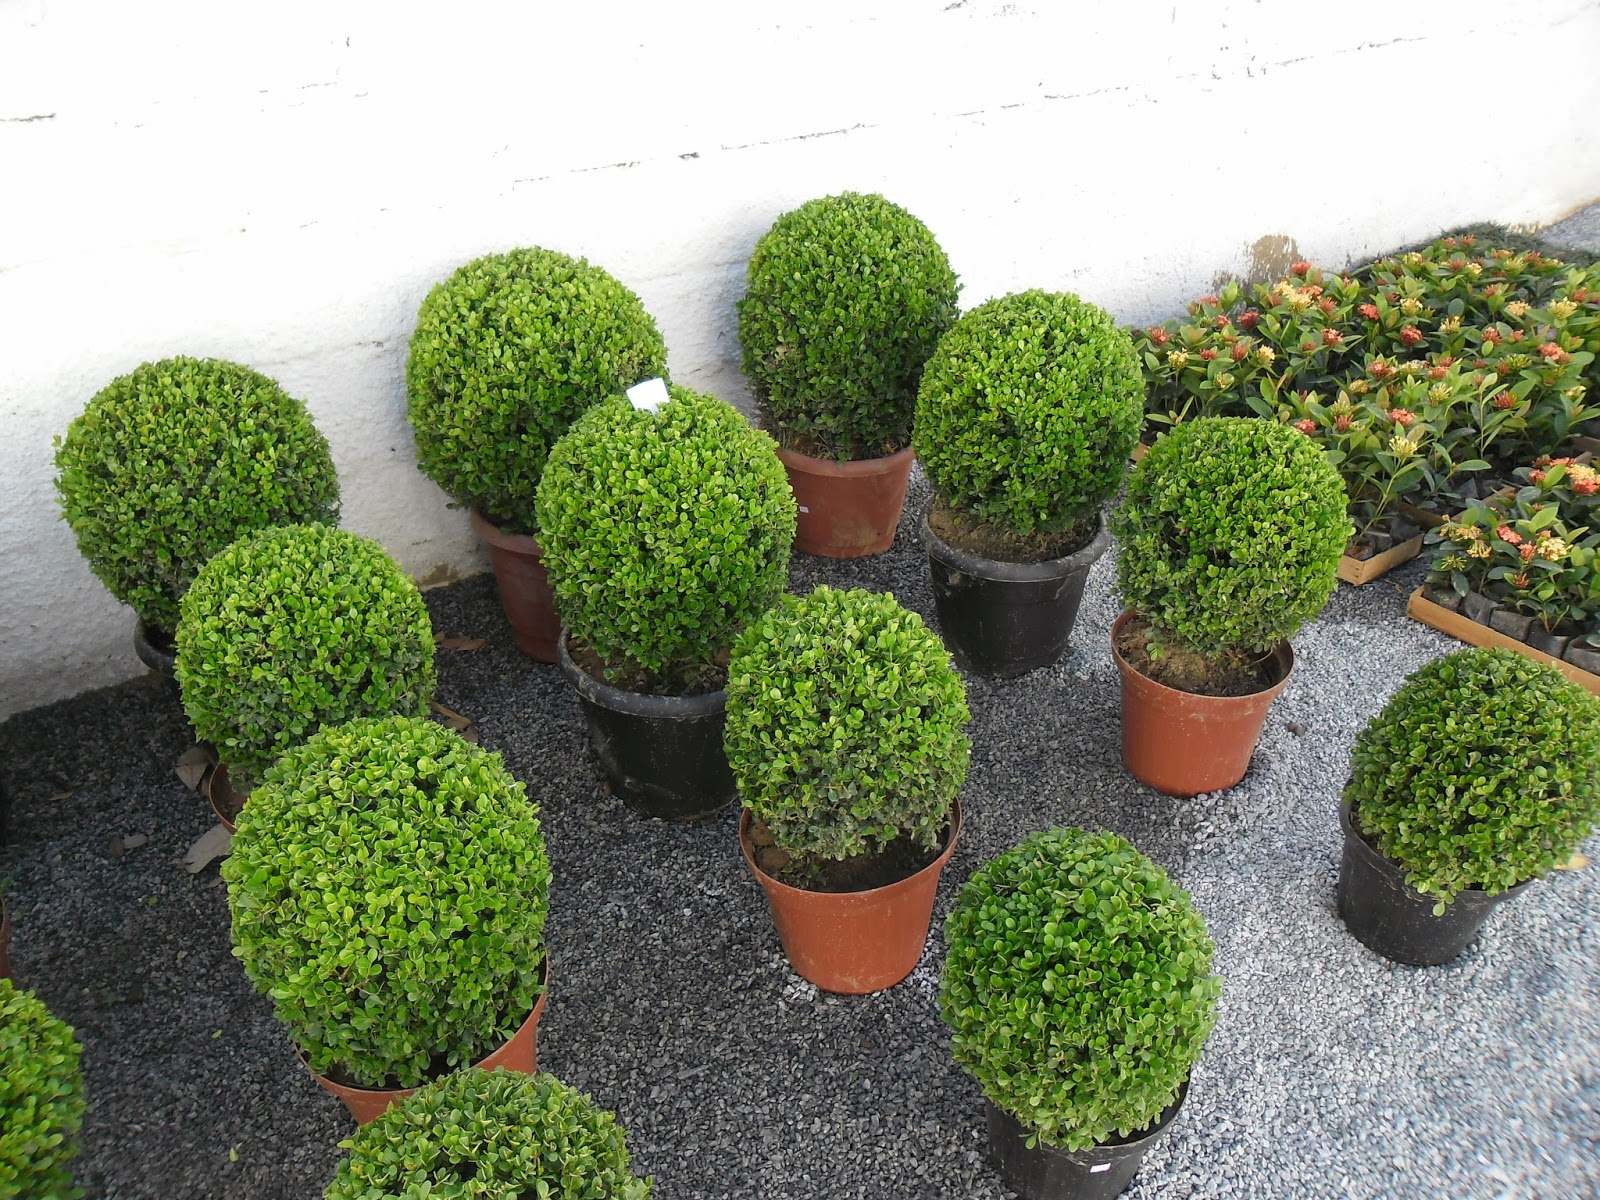 da Jardinagem Plantas e acessórios para compor jardim externo